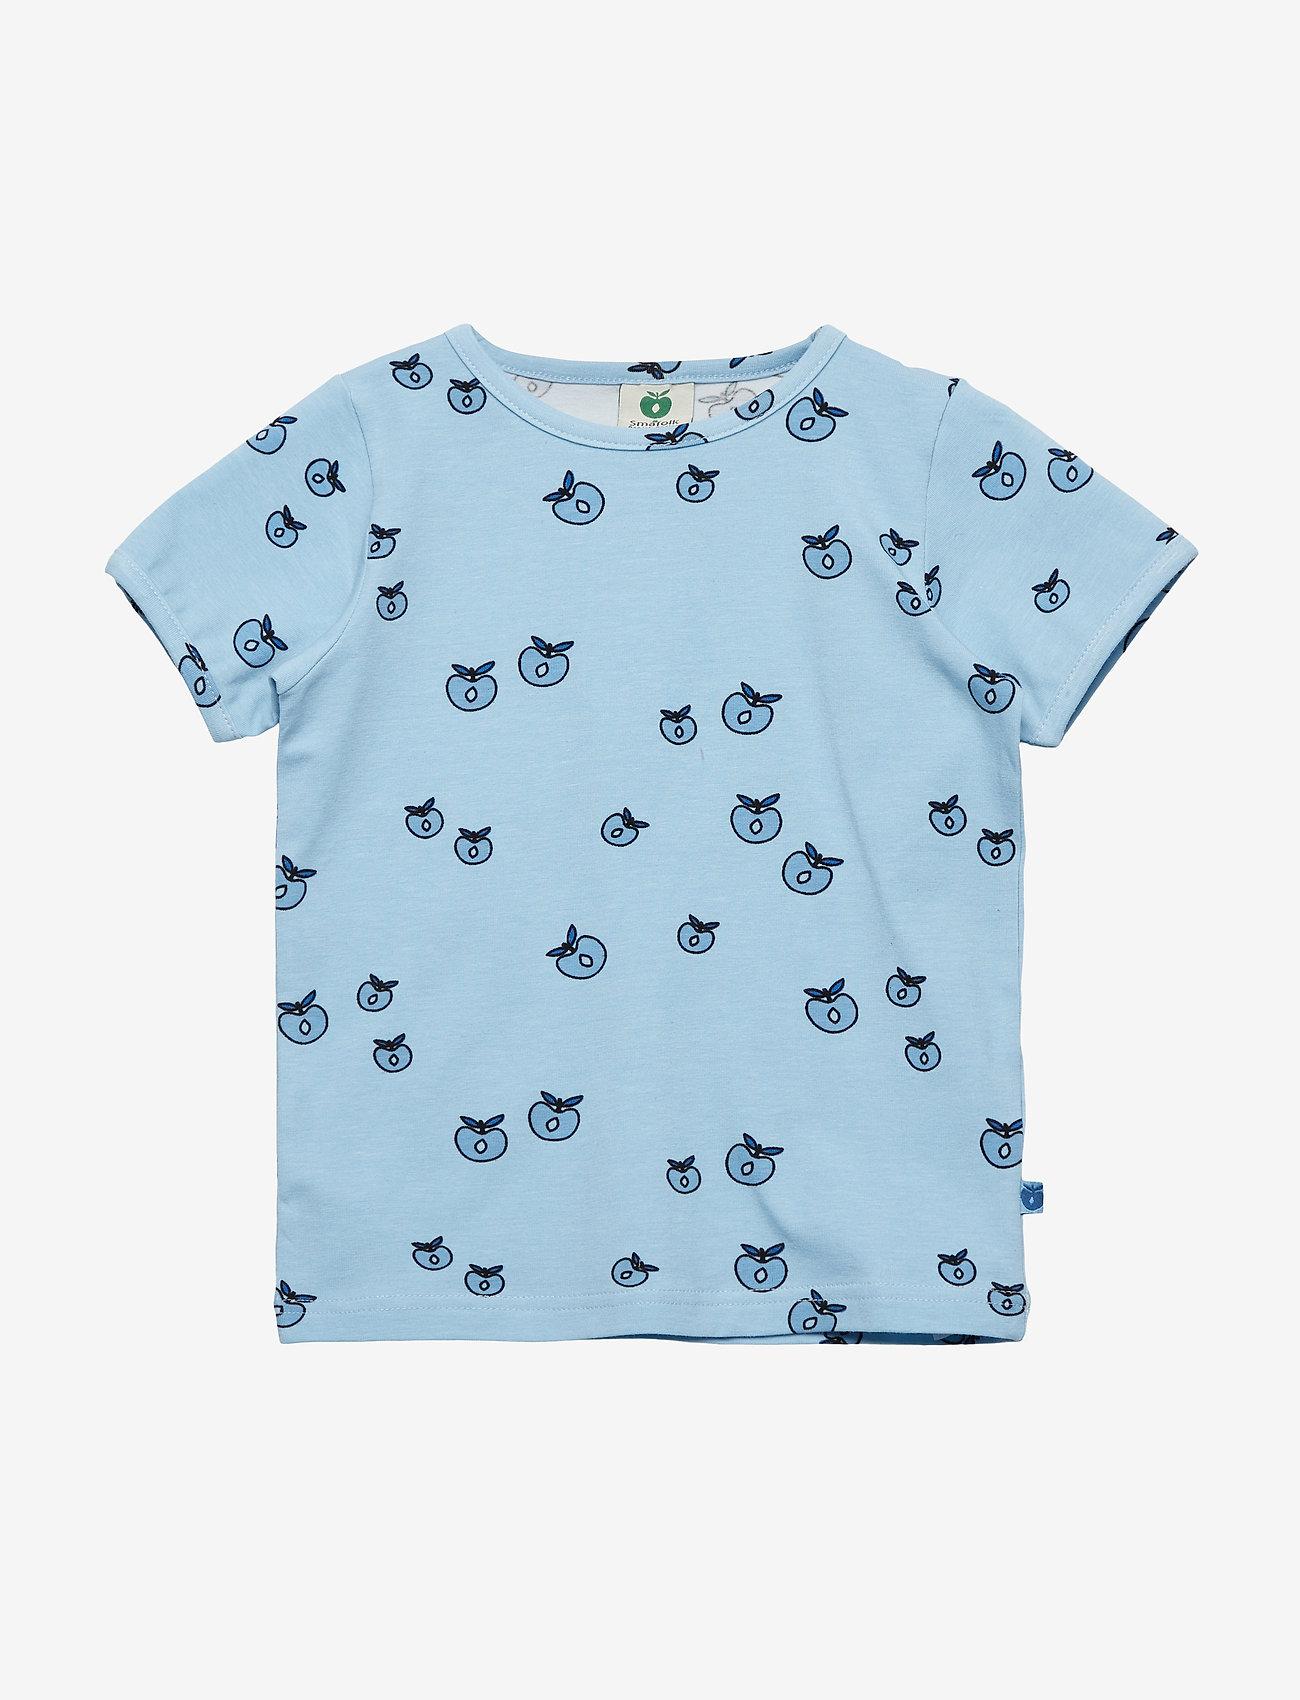 Småfolk - T-shirt SS. Apple. Originals. - korte mouwen - air blue - 0